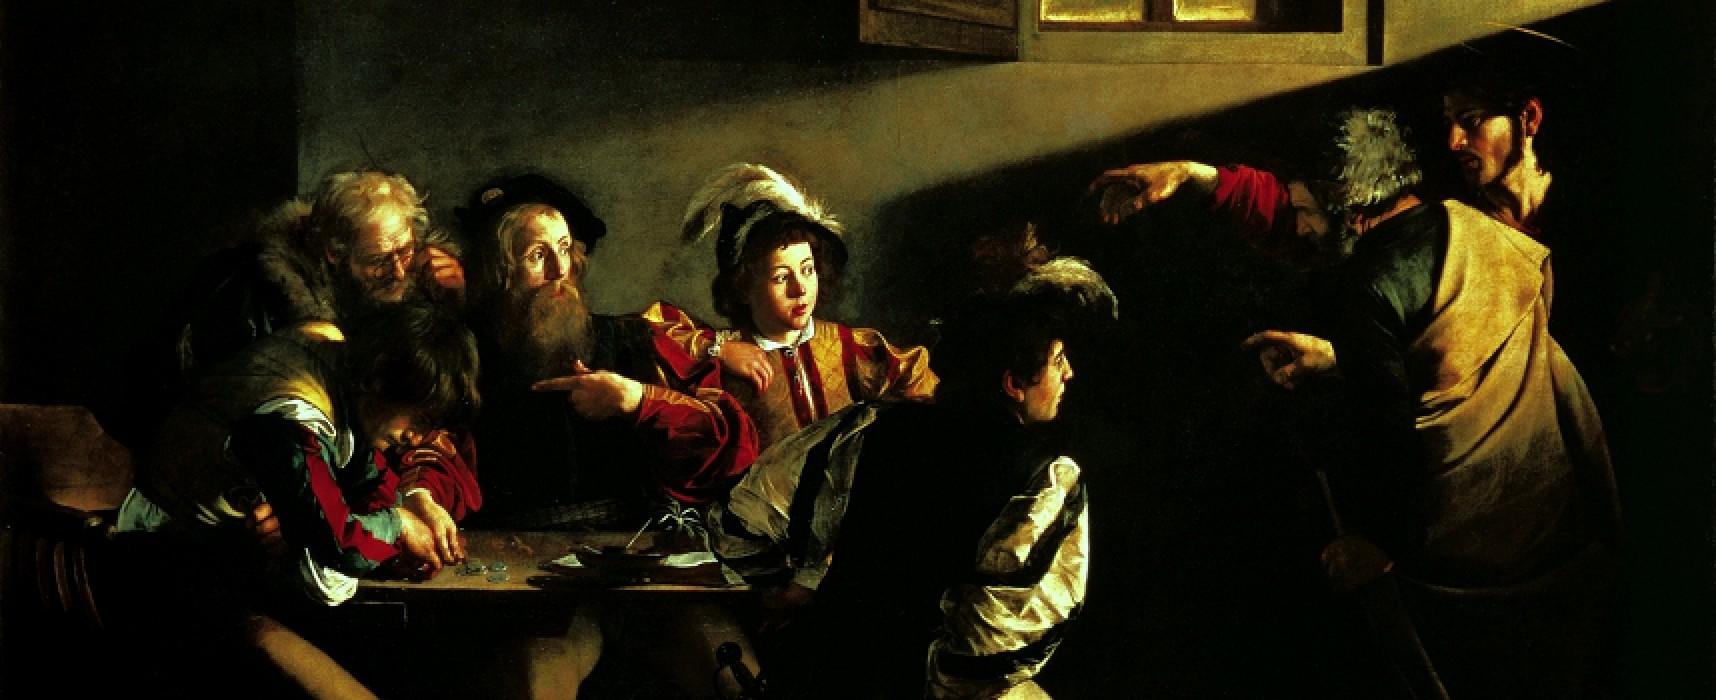 Incontro-dibattito sulla figura di Levi il pubblicano presso la parrocchia Sant'Andrea